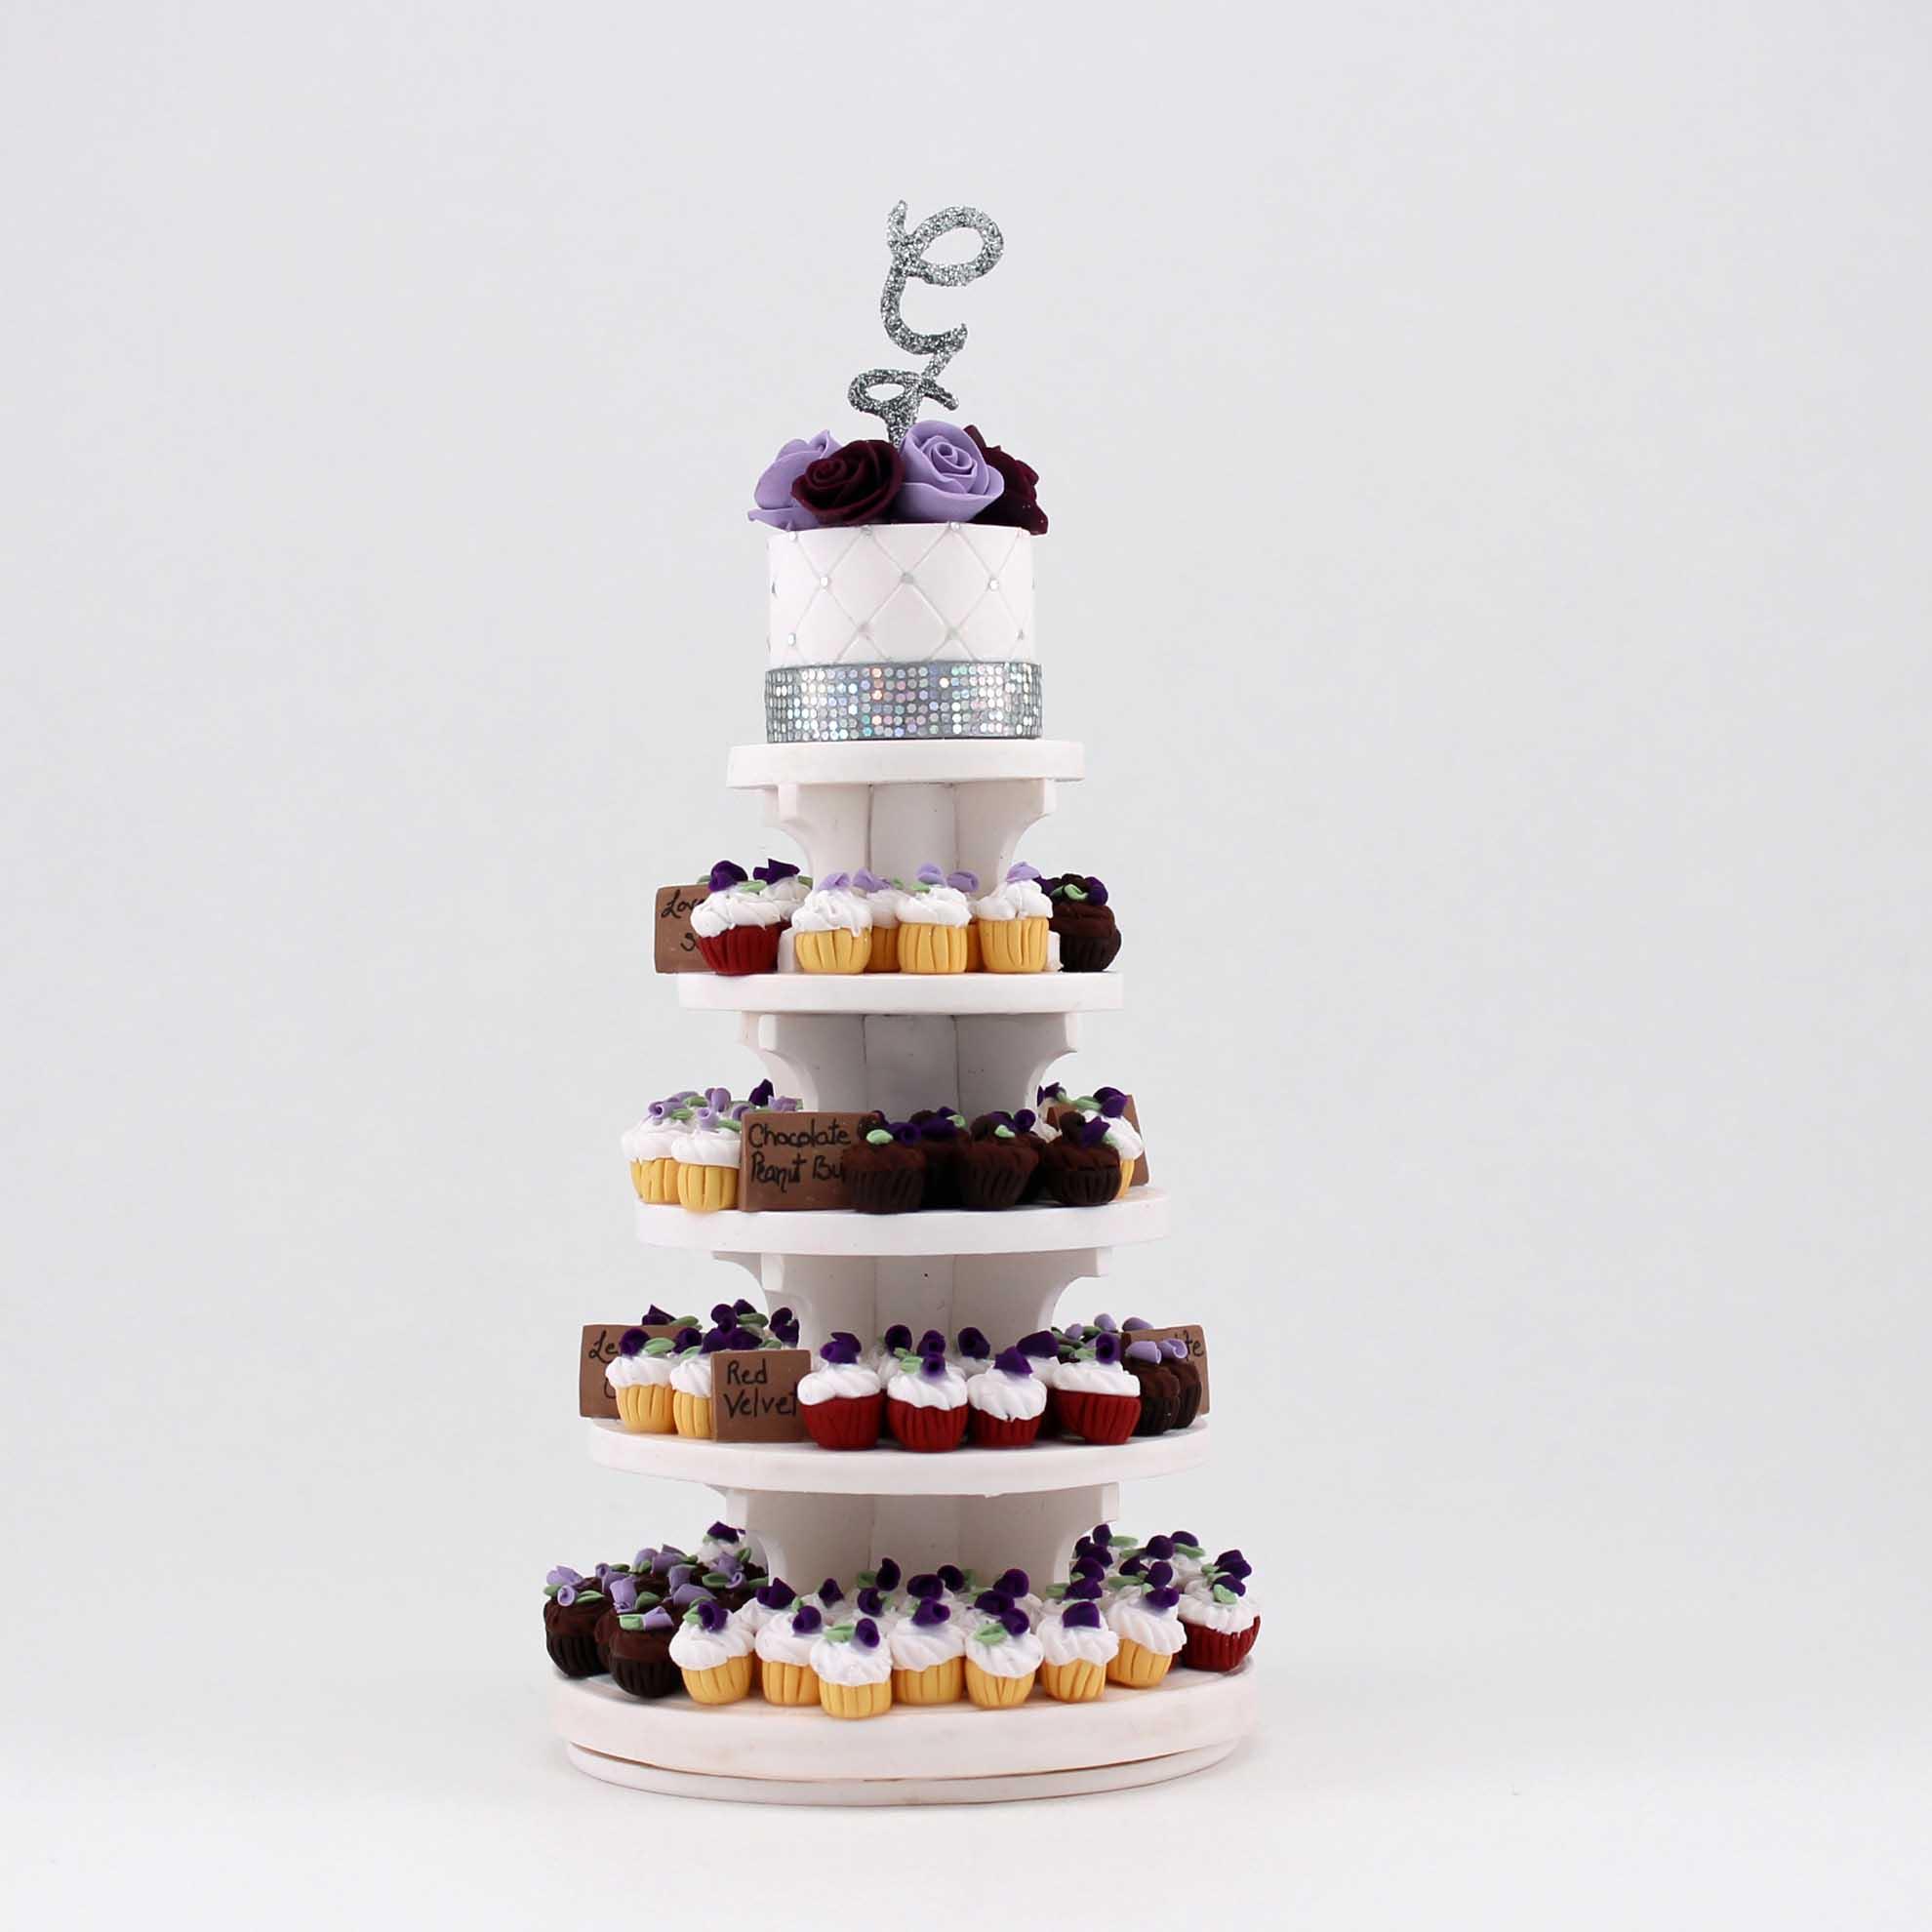 Minature replica of a Cupcake tower.jpg